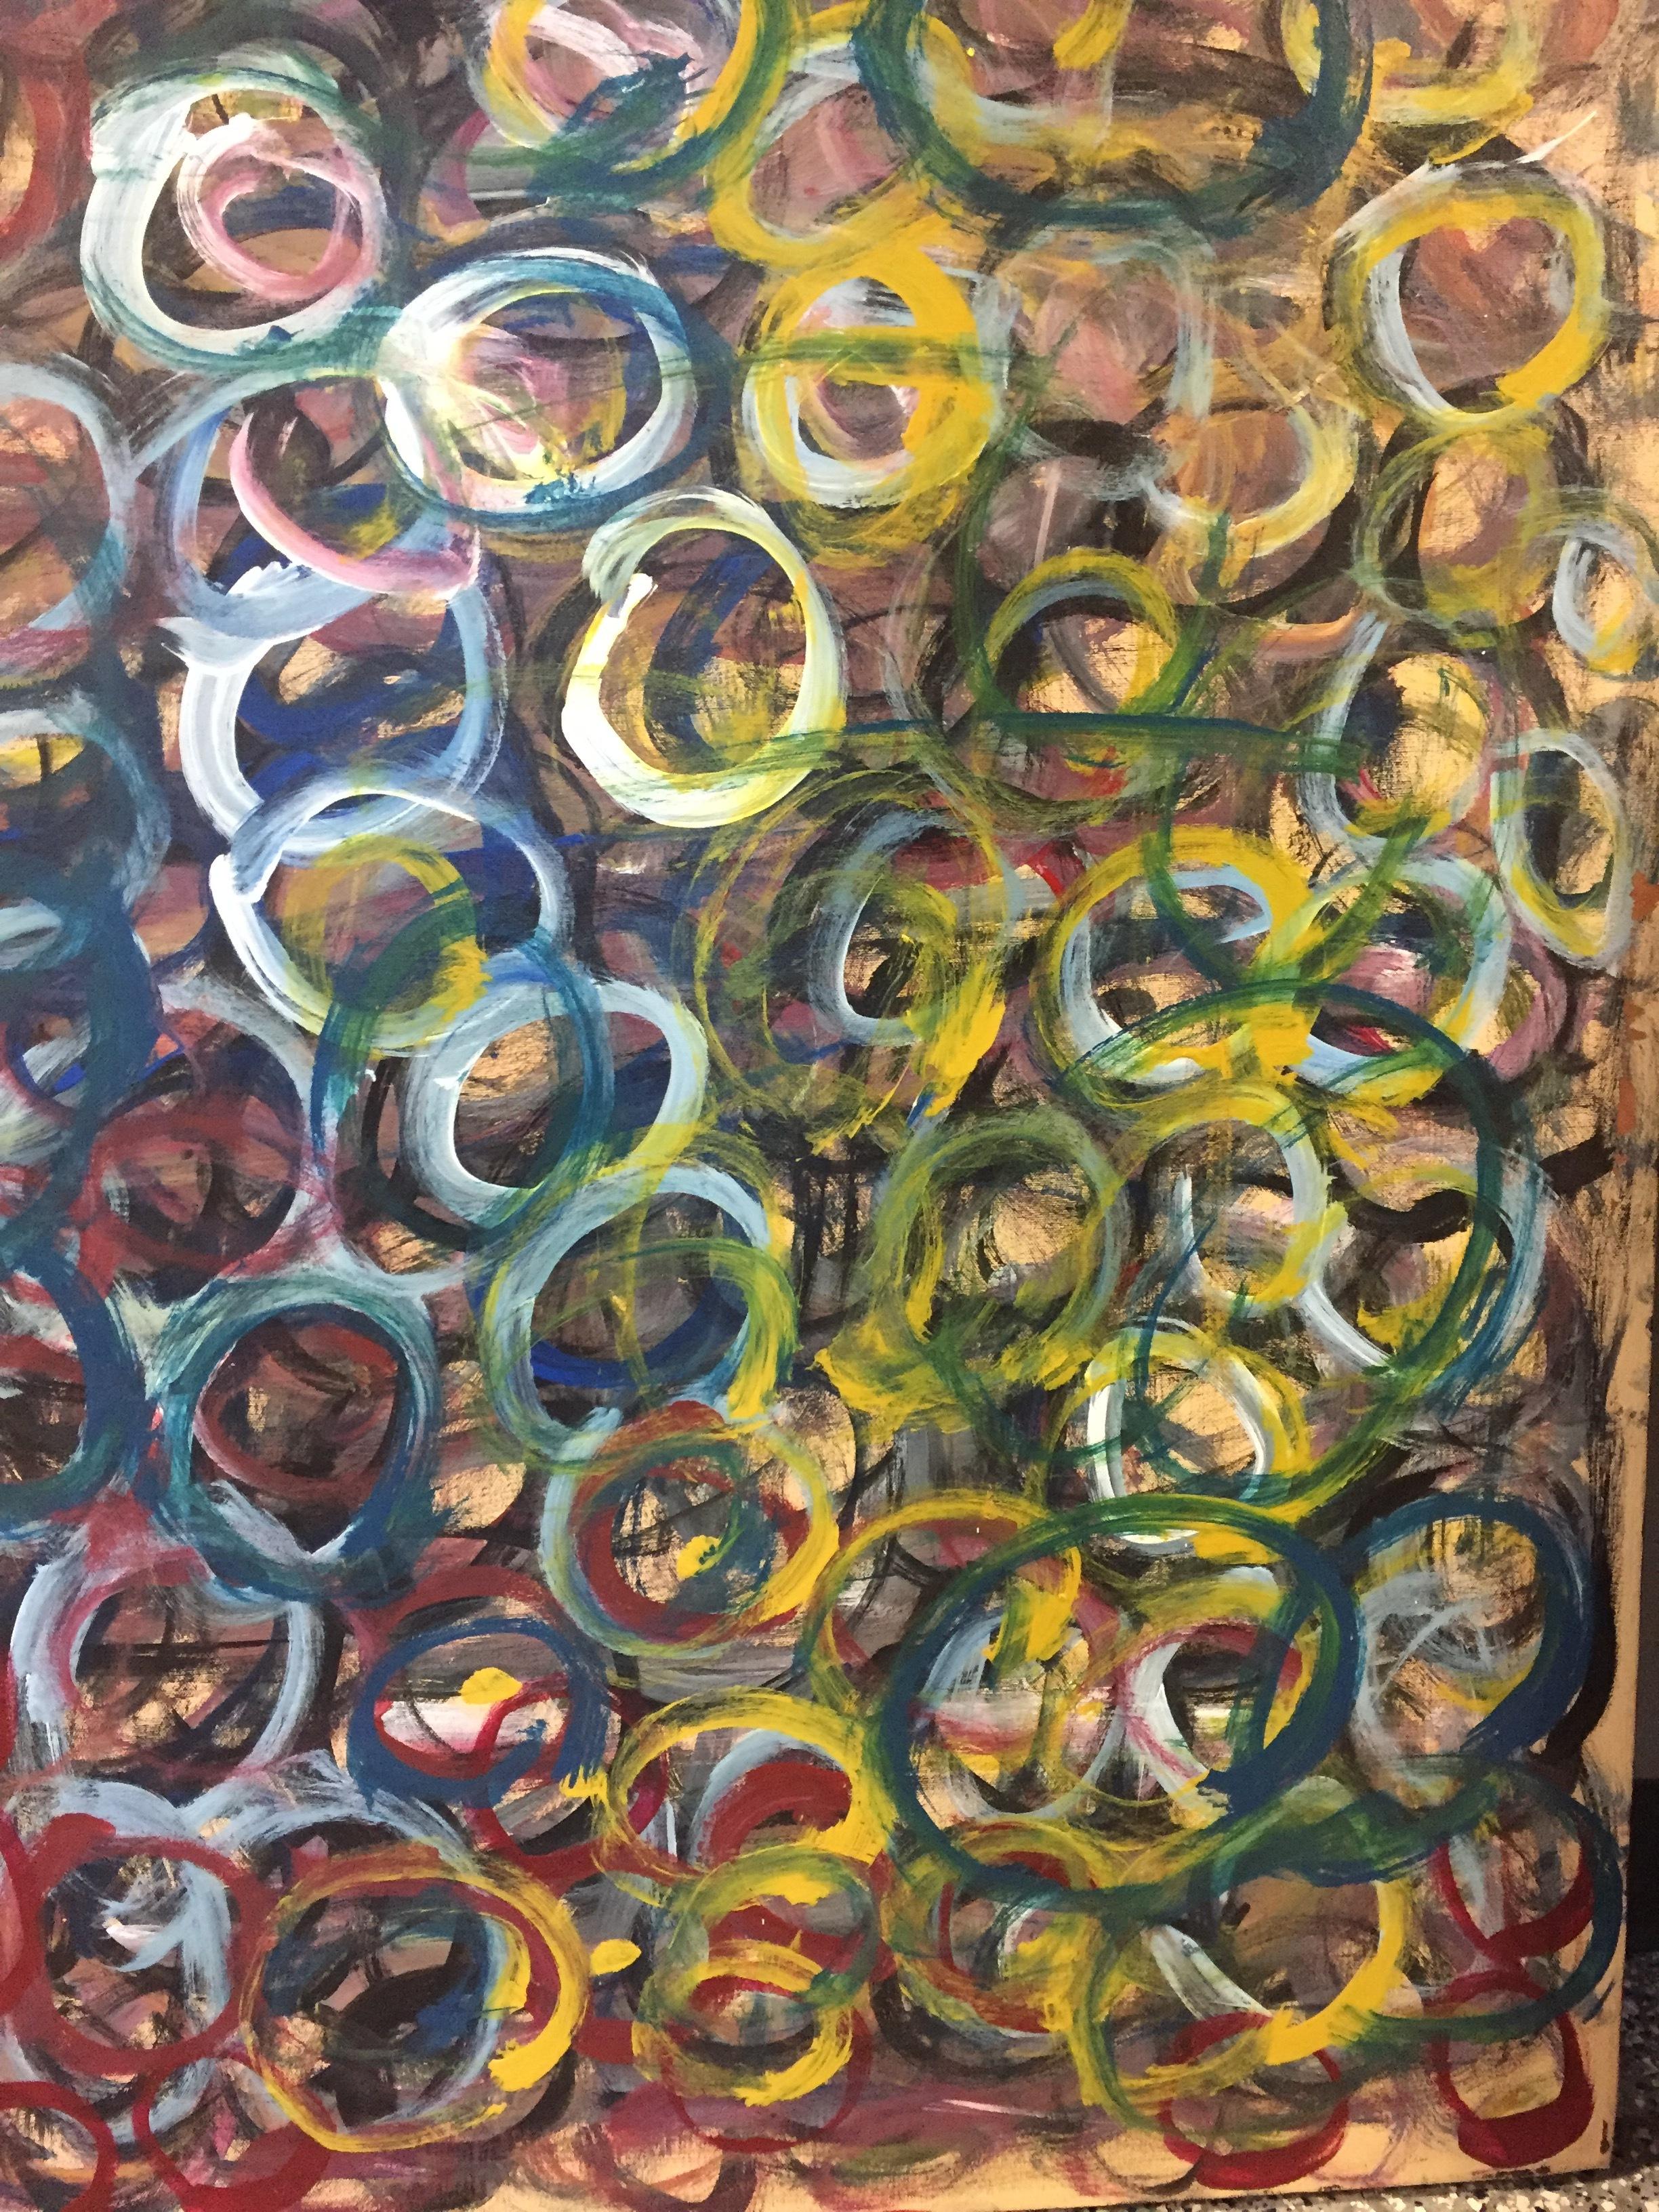 Circles by Yalanda S.